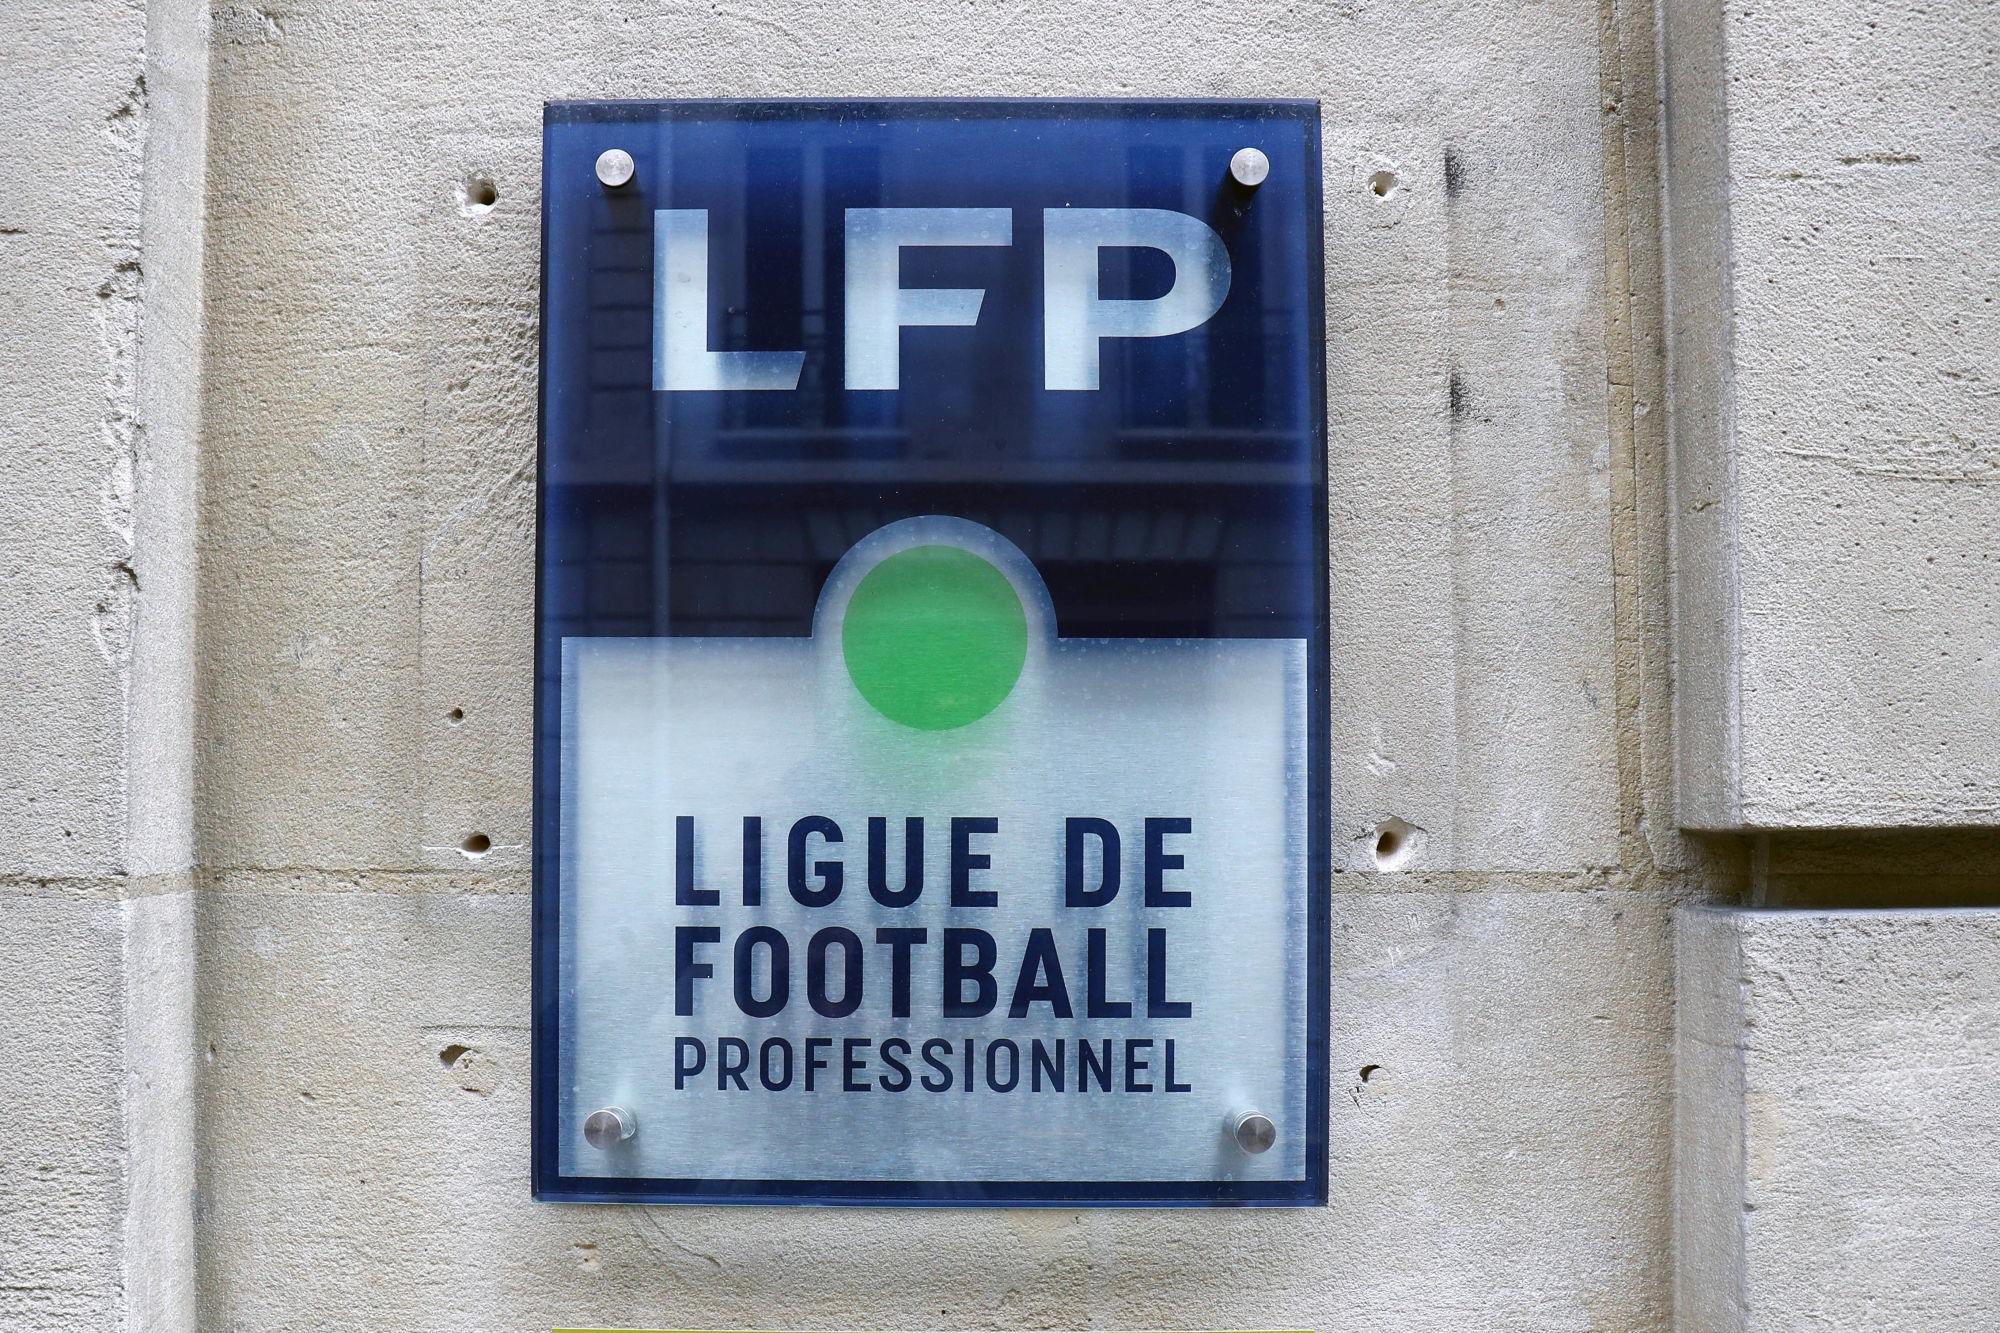 Officiel - L'assemblée générale de la LFP confirme les relégations d'Amiens et Toulouse en Ligue 2